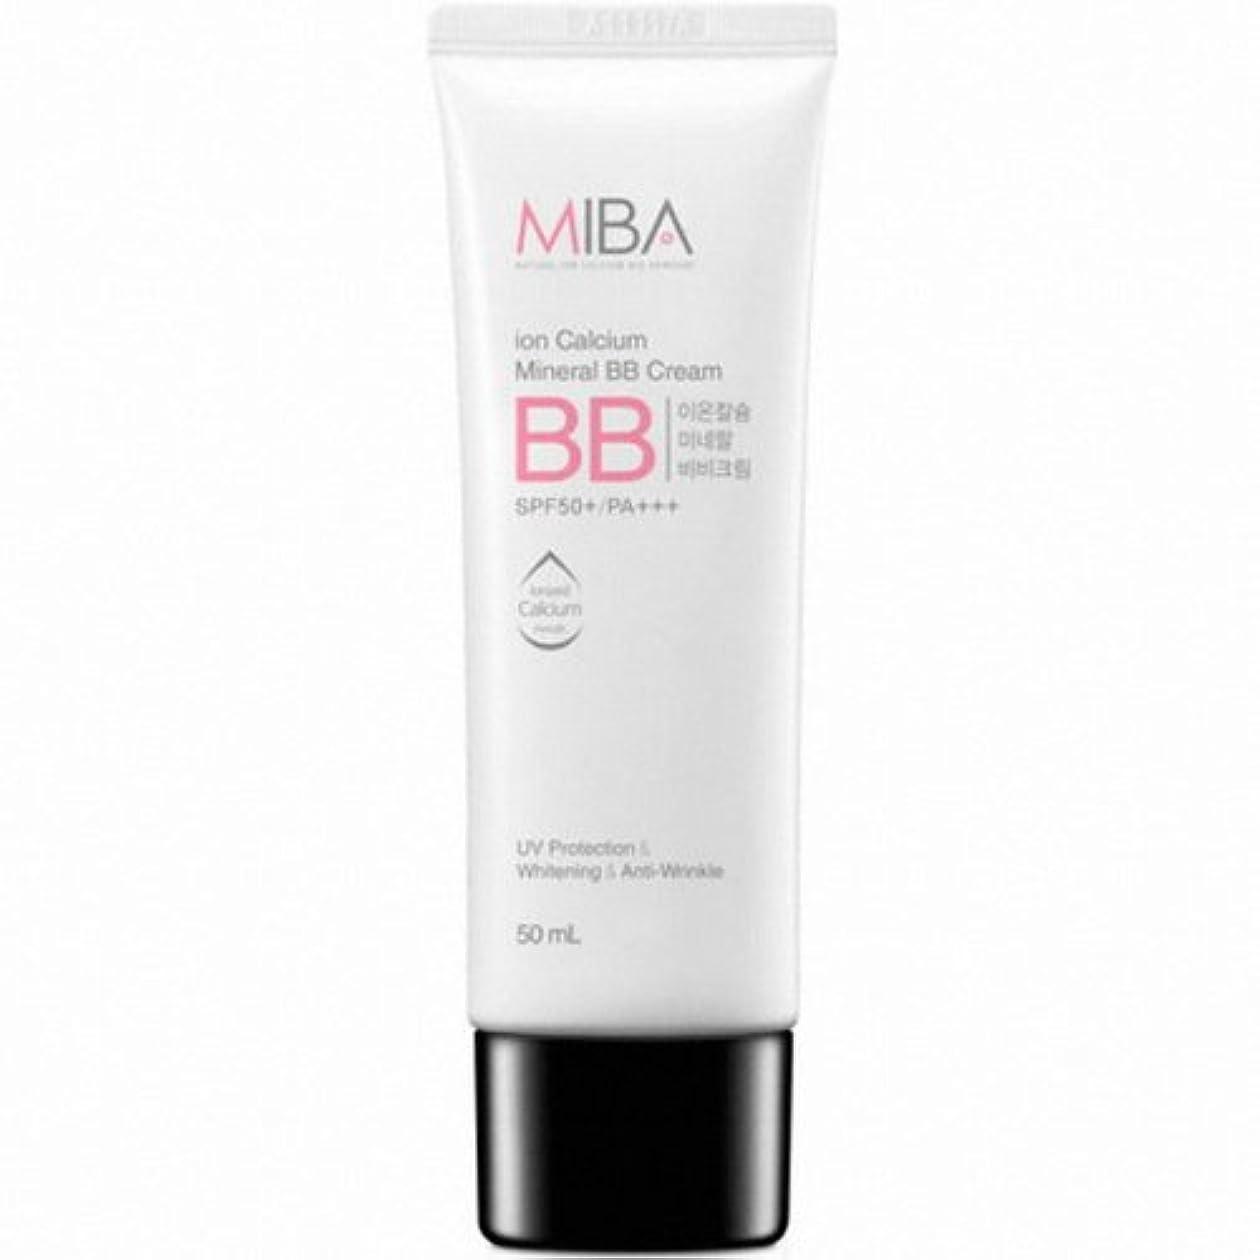 帰る粘土貸すMINERALBIO (ミネラルバイオ) ミバ イオン カルシウム ミネラル ビビクリーム / MIBA Ion Calcium Mineral BB Cream (50ml) [並行輸入品]